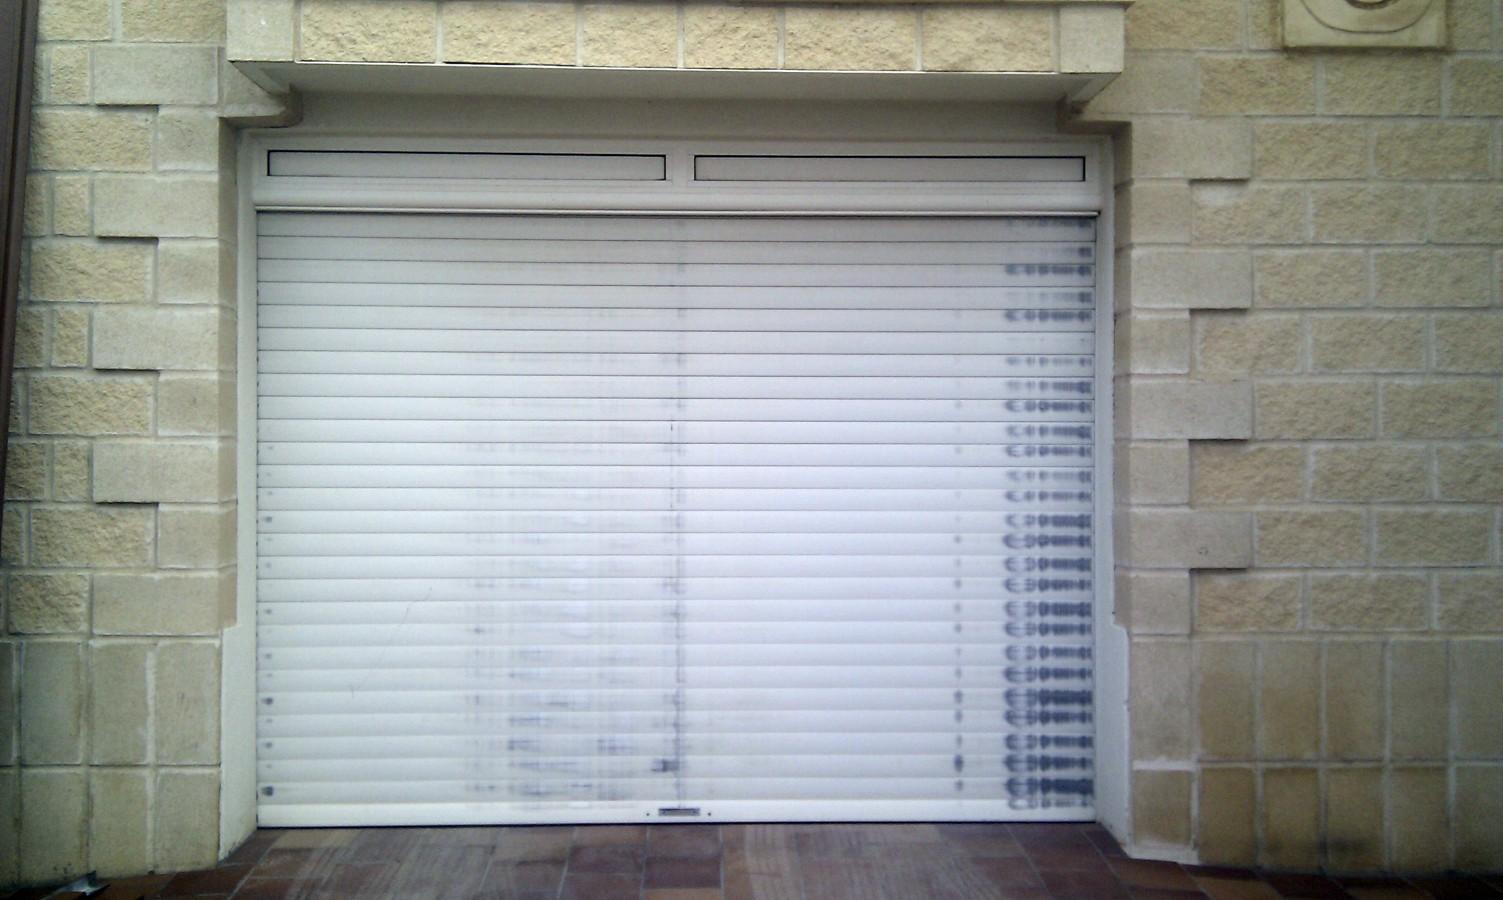 Sustitucion de puerta enrollable de cochera por Puerta Seccional(1)